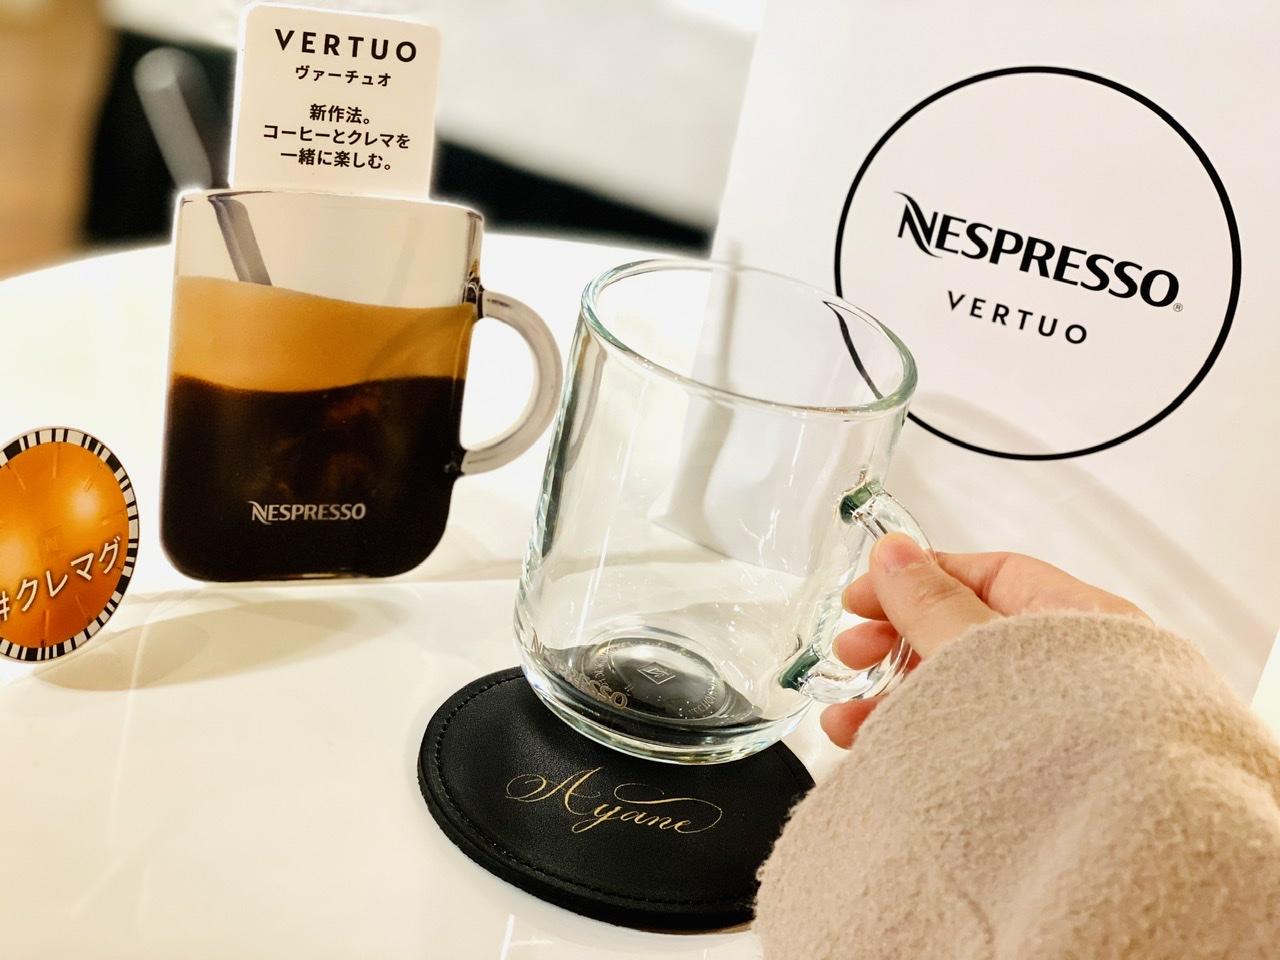 【ネスプレッソ】豪華すぎる!マグカップ&名入りコースター貰える★新コーヒーマシン体験イベントへ♡_11